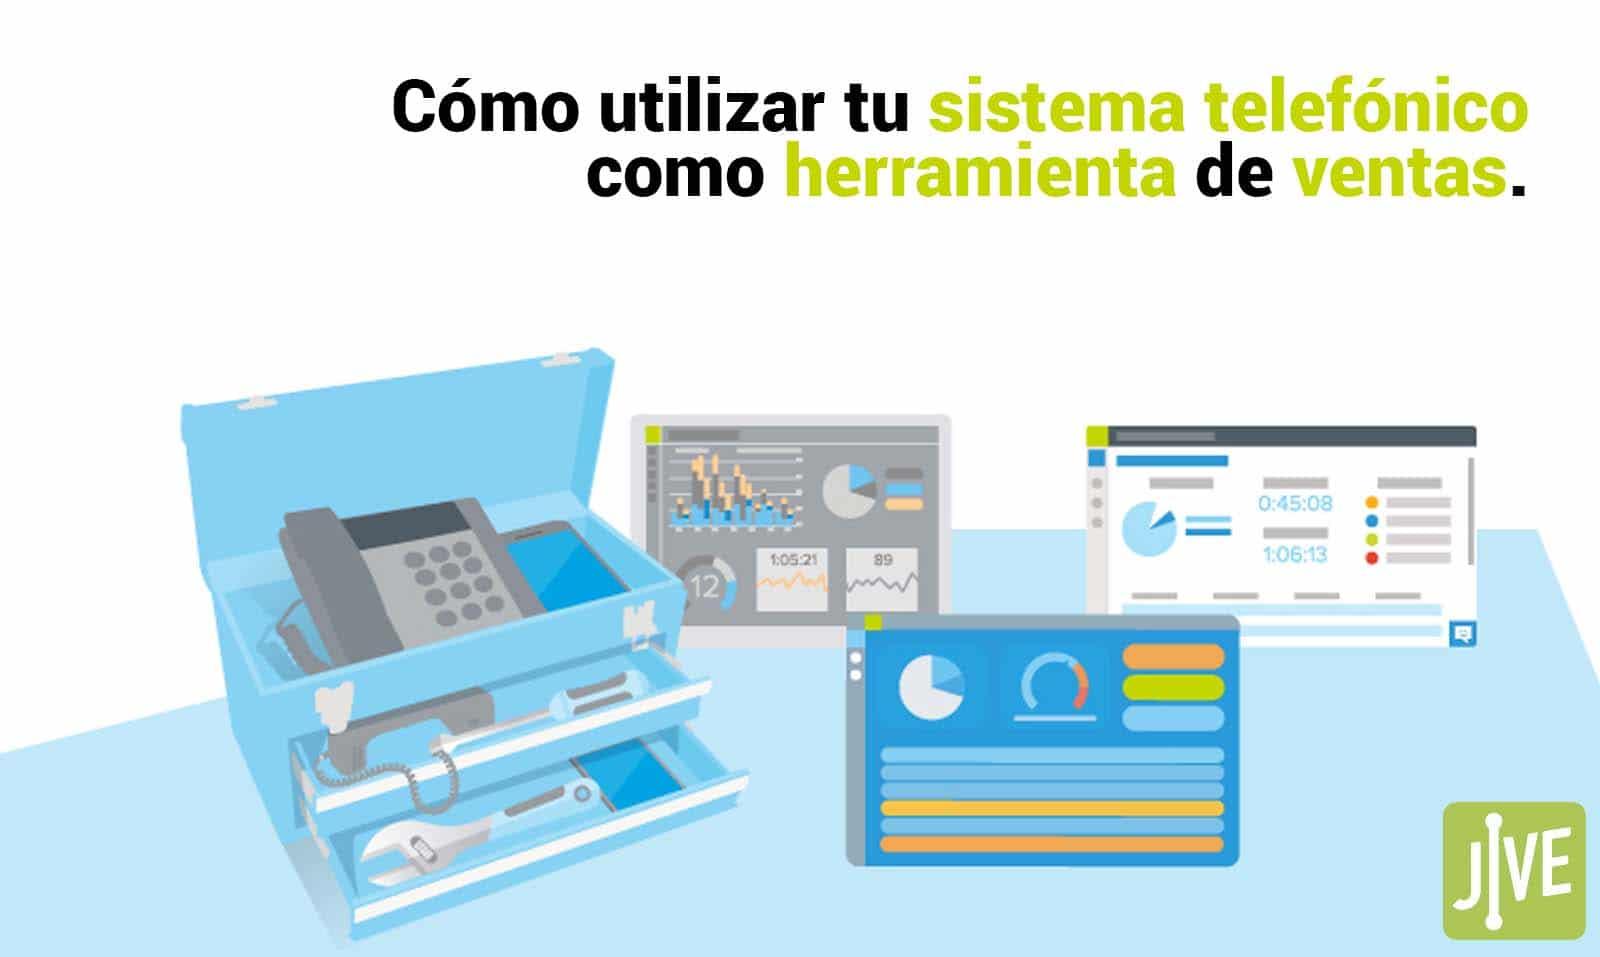 Cómo utilizar tu sistema telefónico como herramienta de ventas.